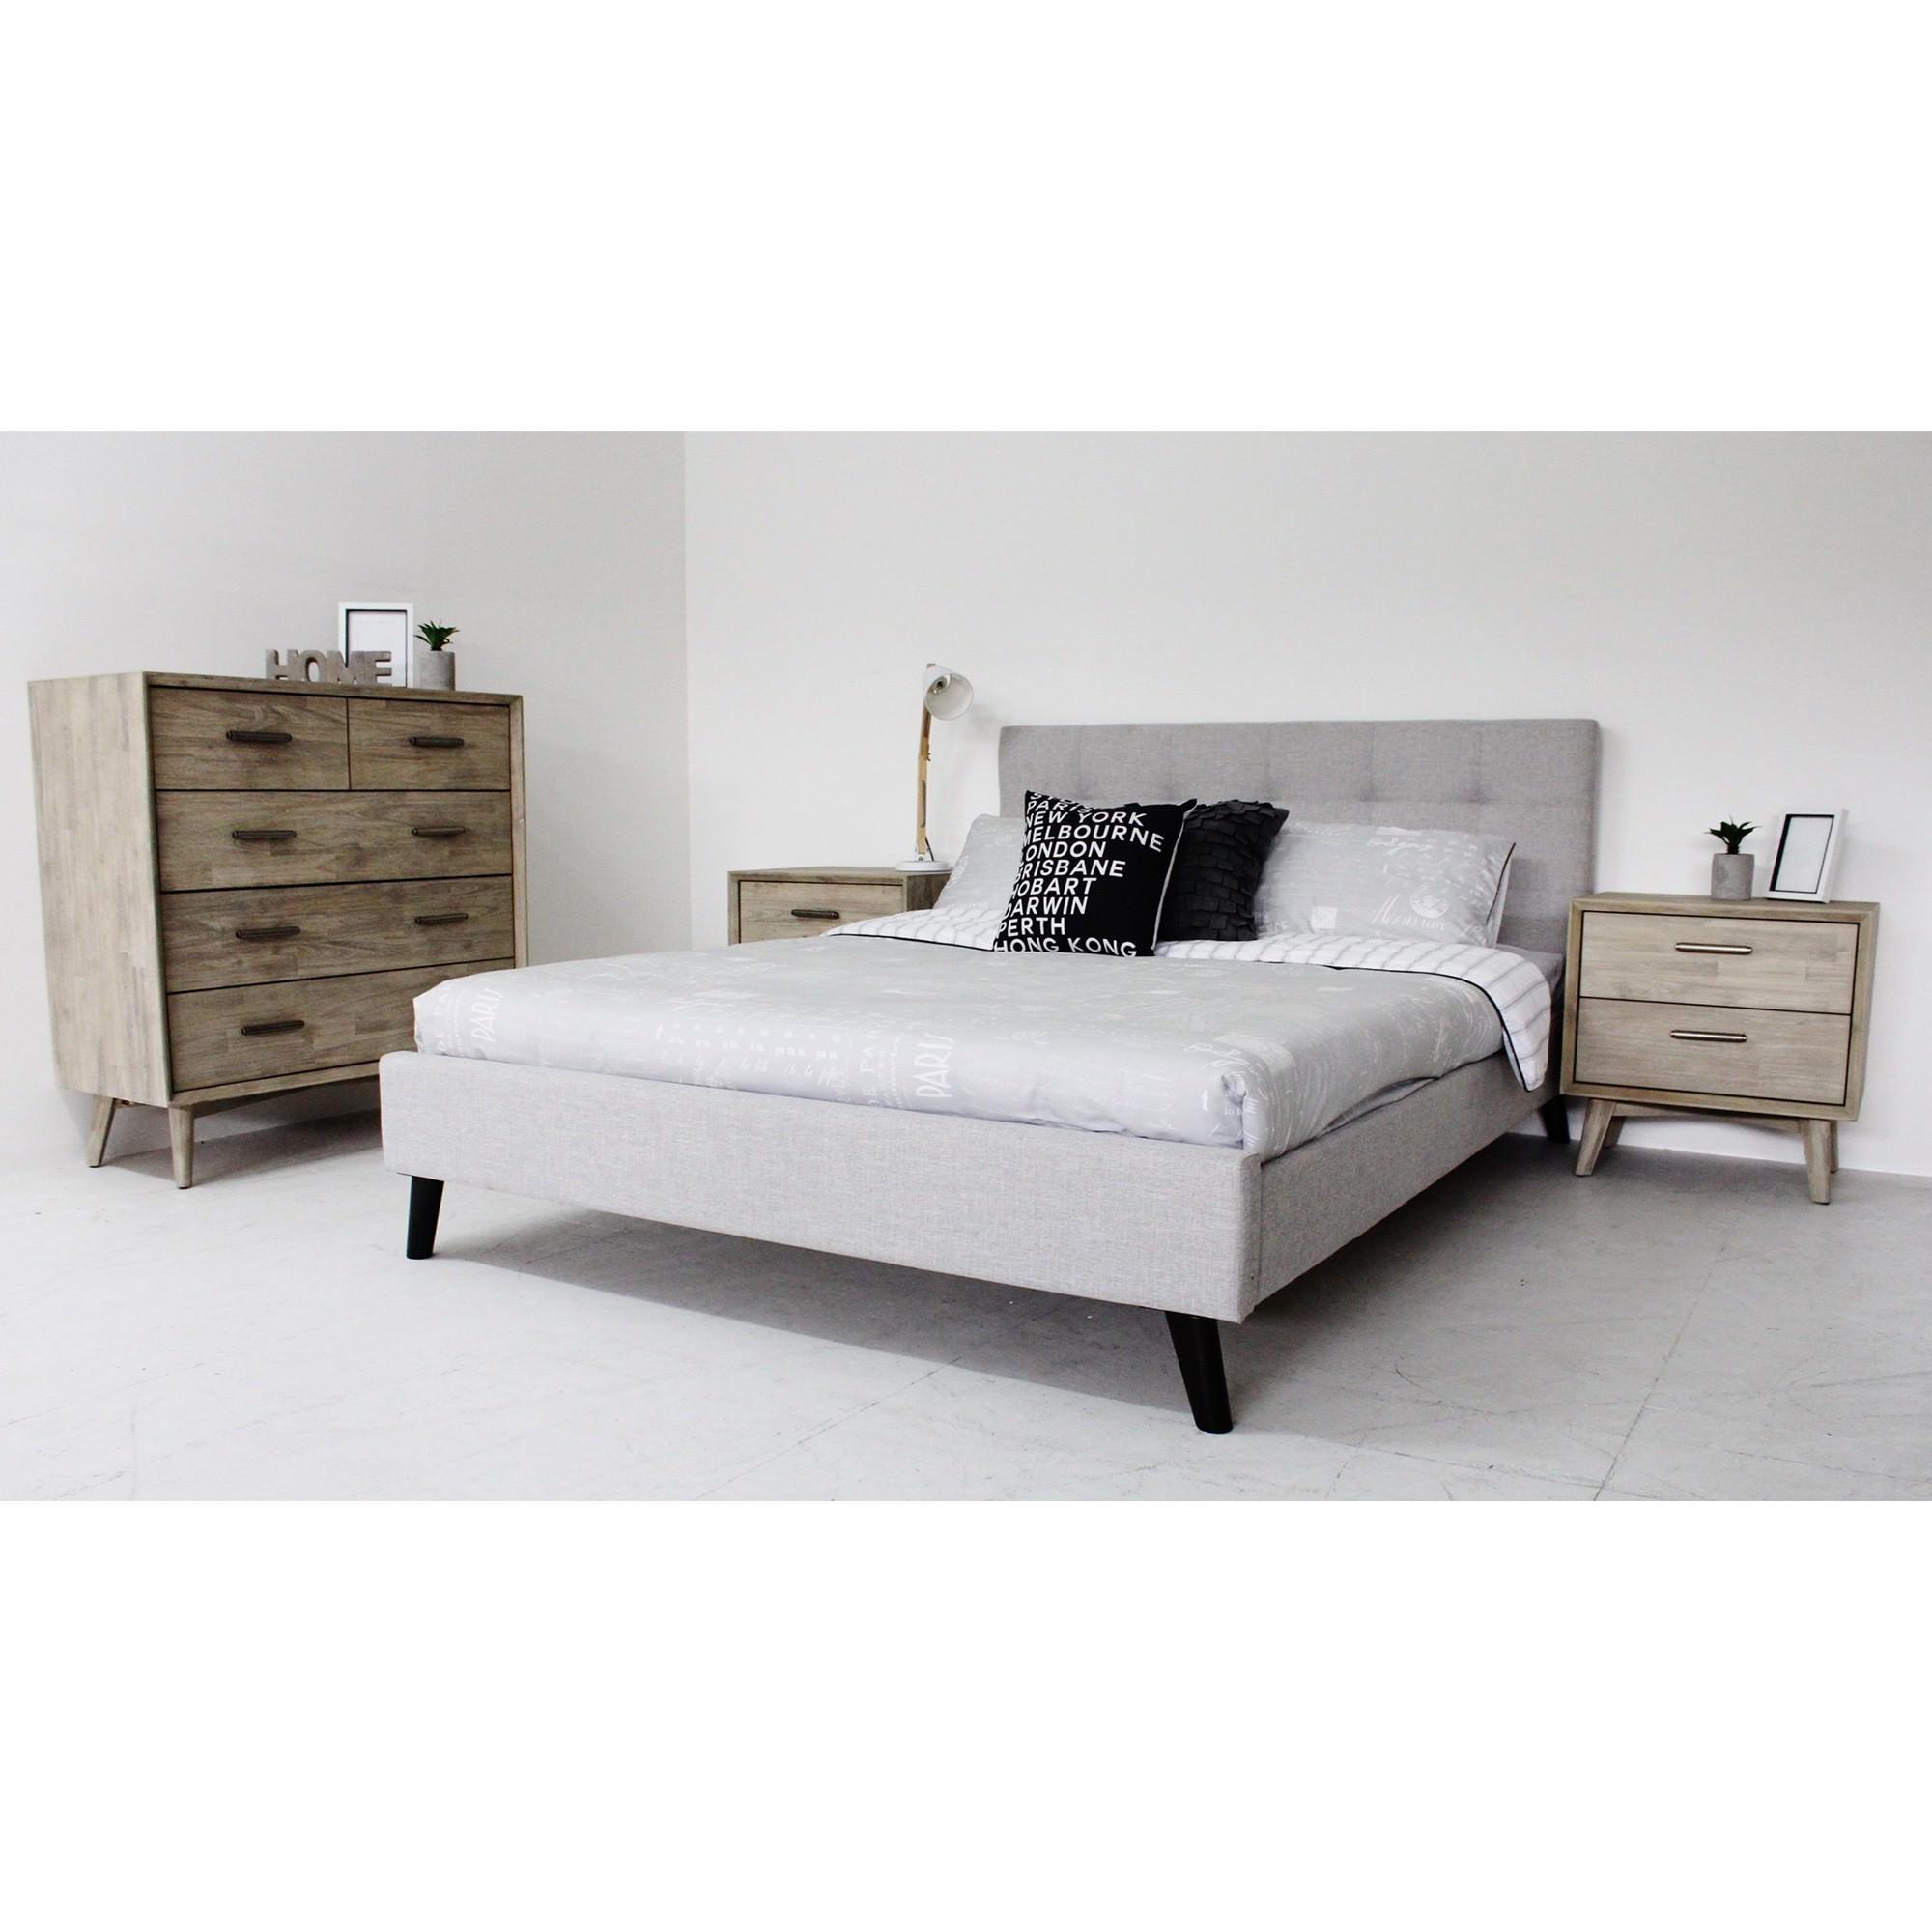 Garrison & Cambrie II 4 Piece Bedroom Tallboy Suite, Queen